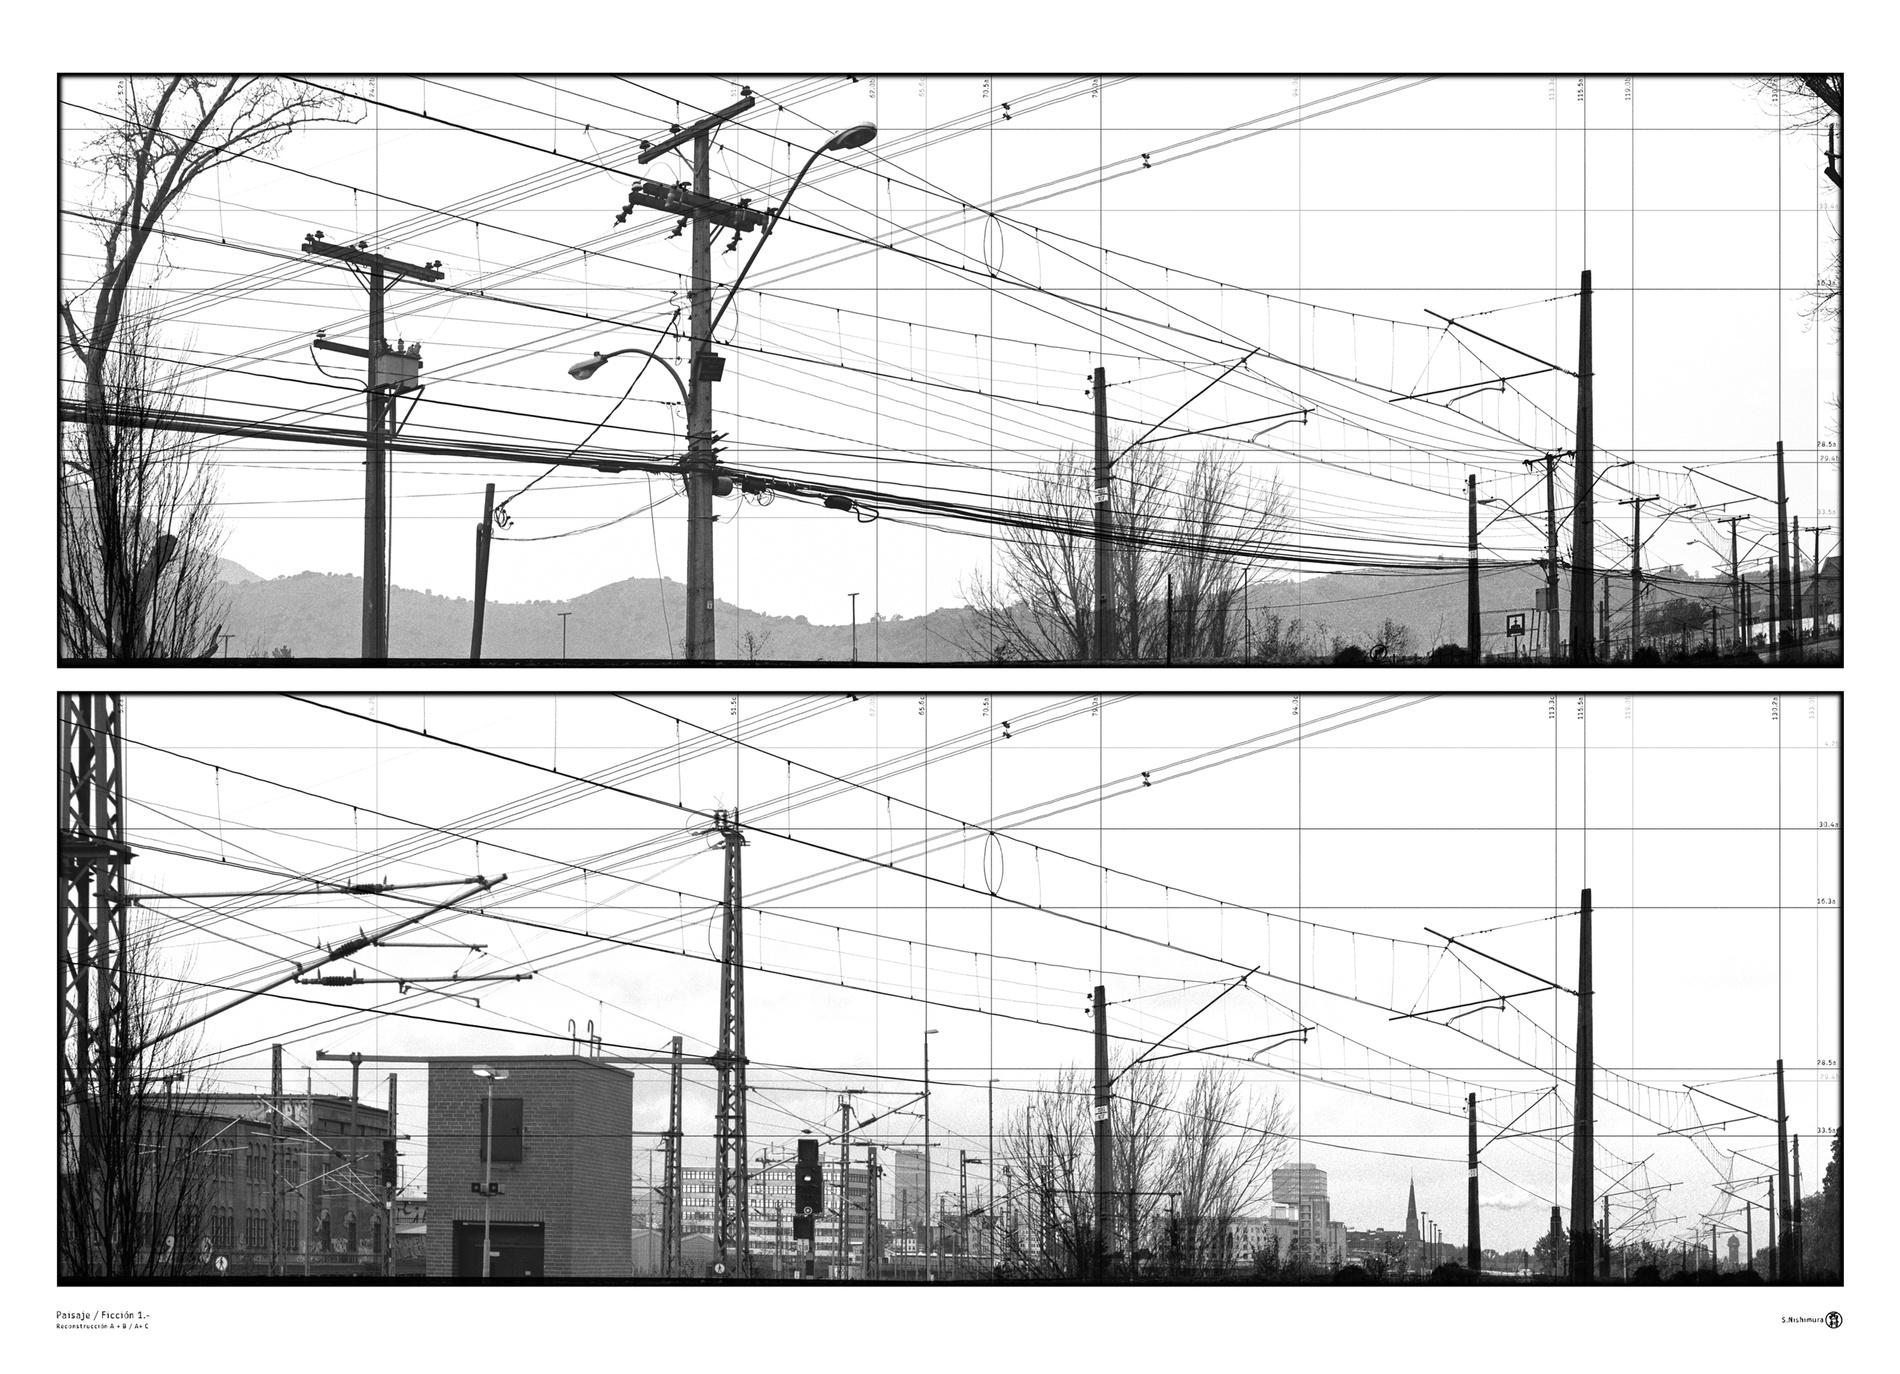 Landscape/Fiction 1.